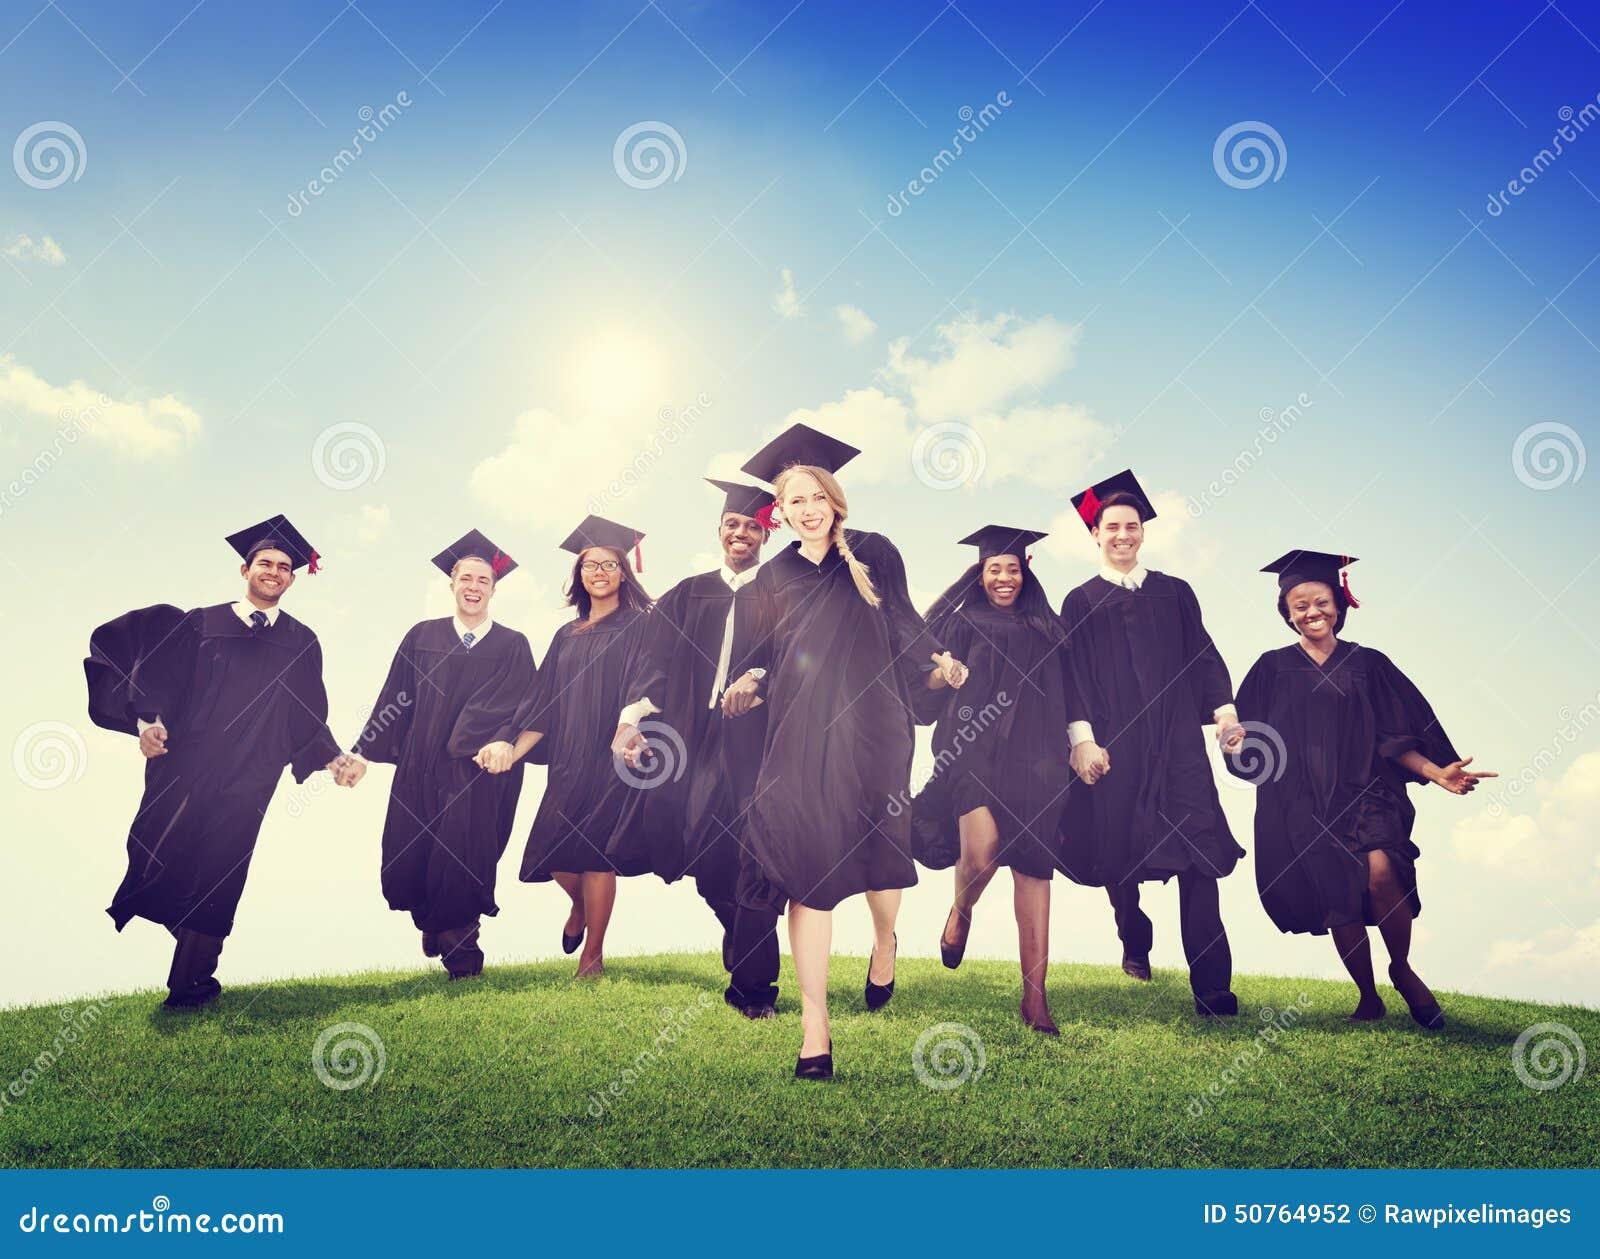 Students Graduation Success Achievement Celebration Happiness